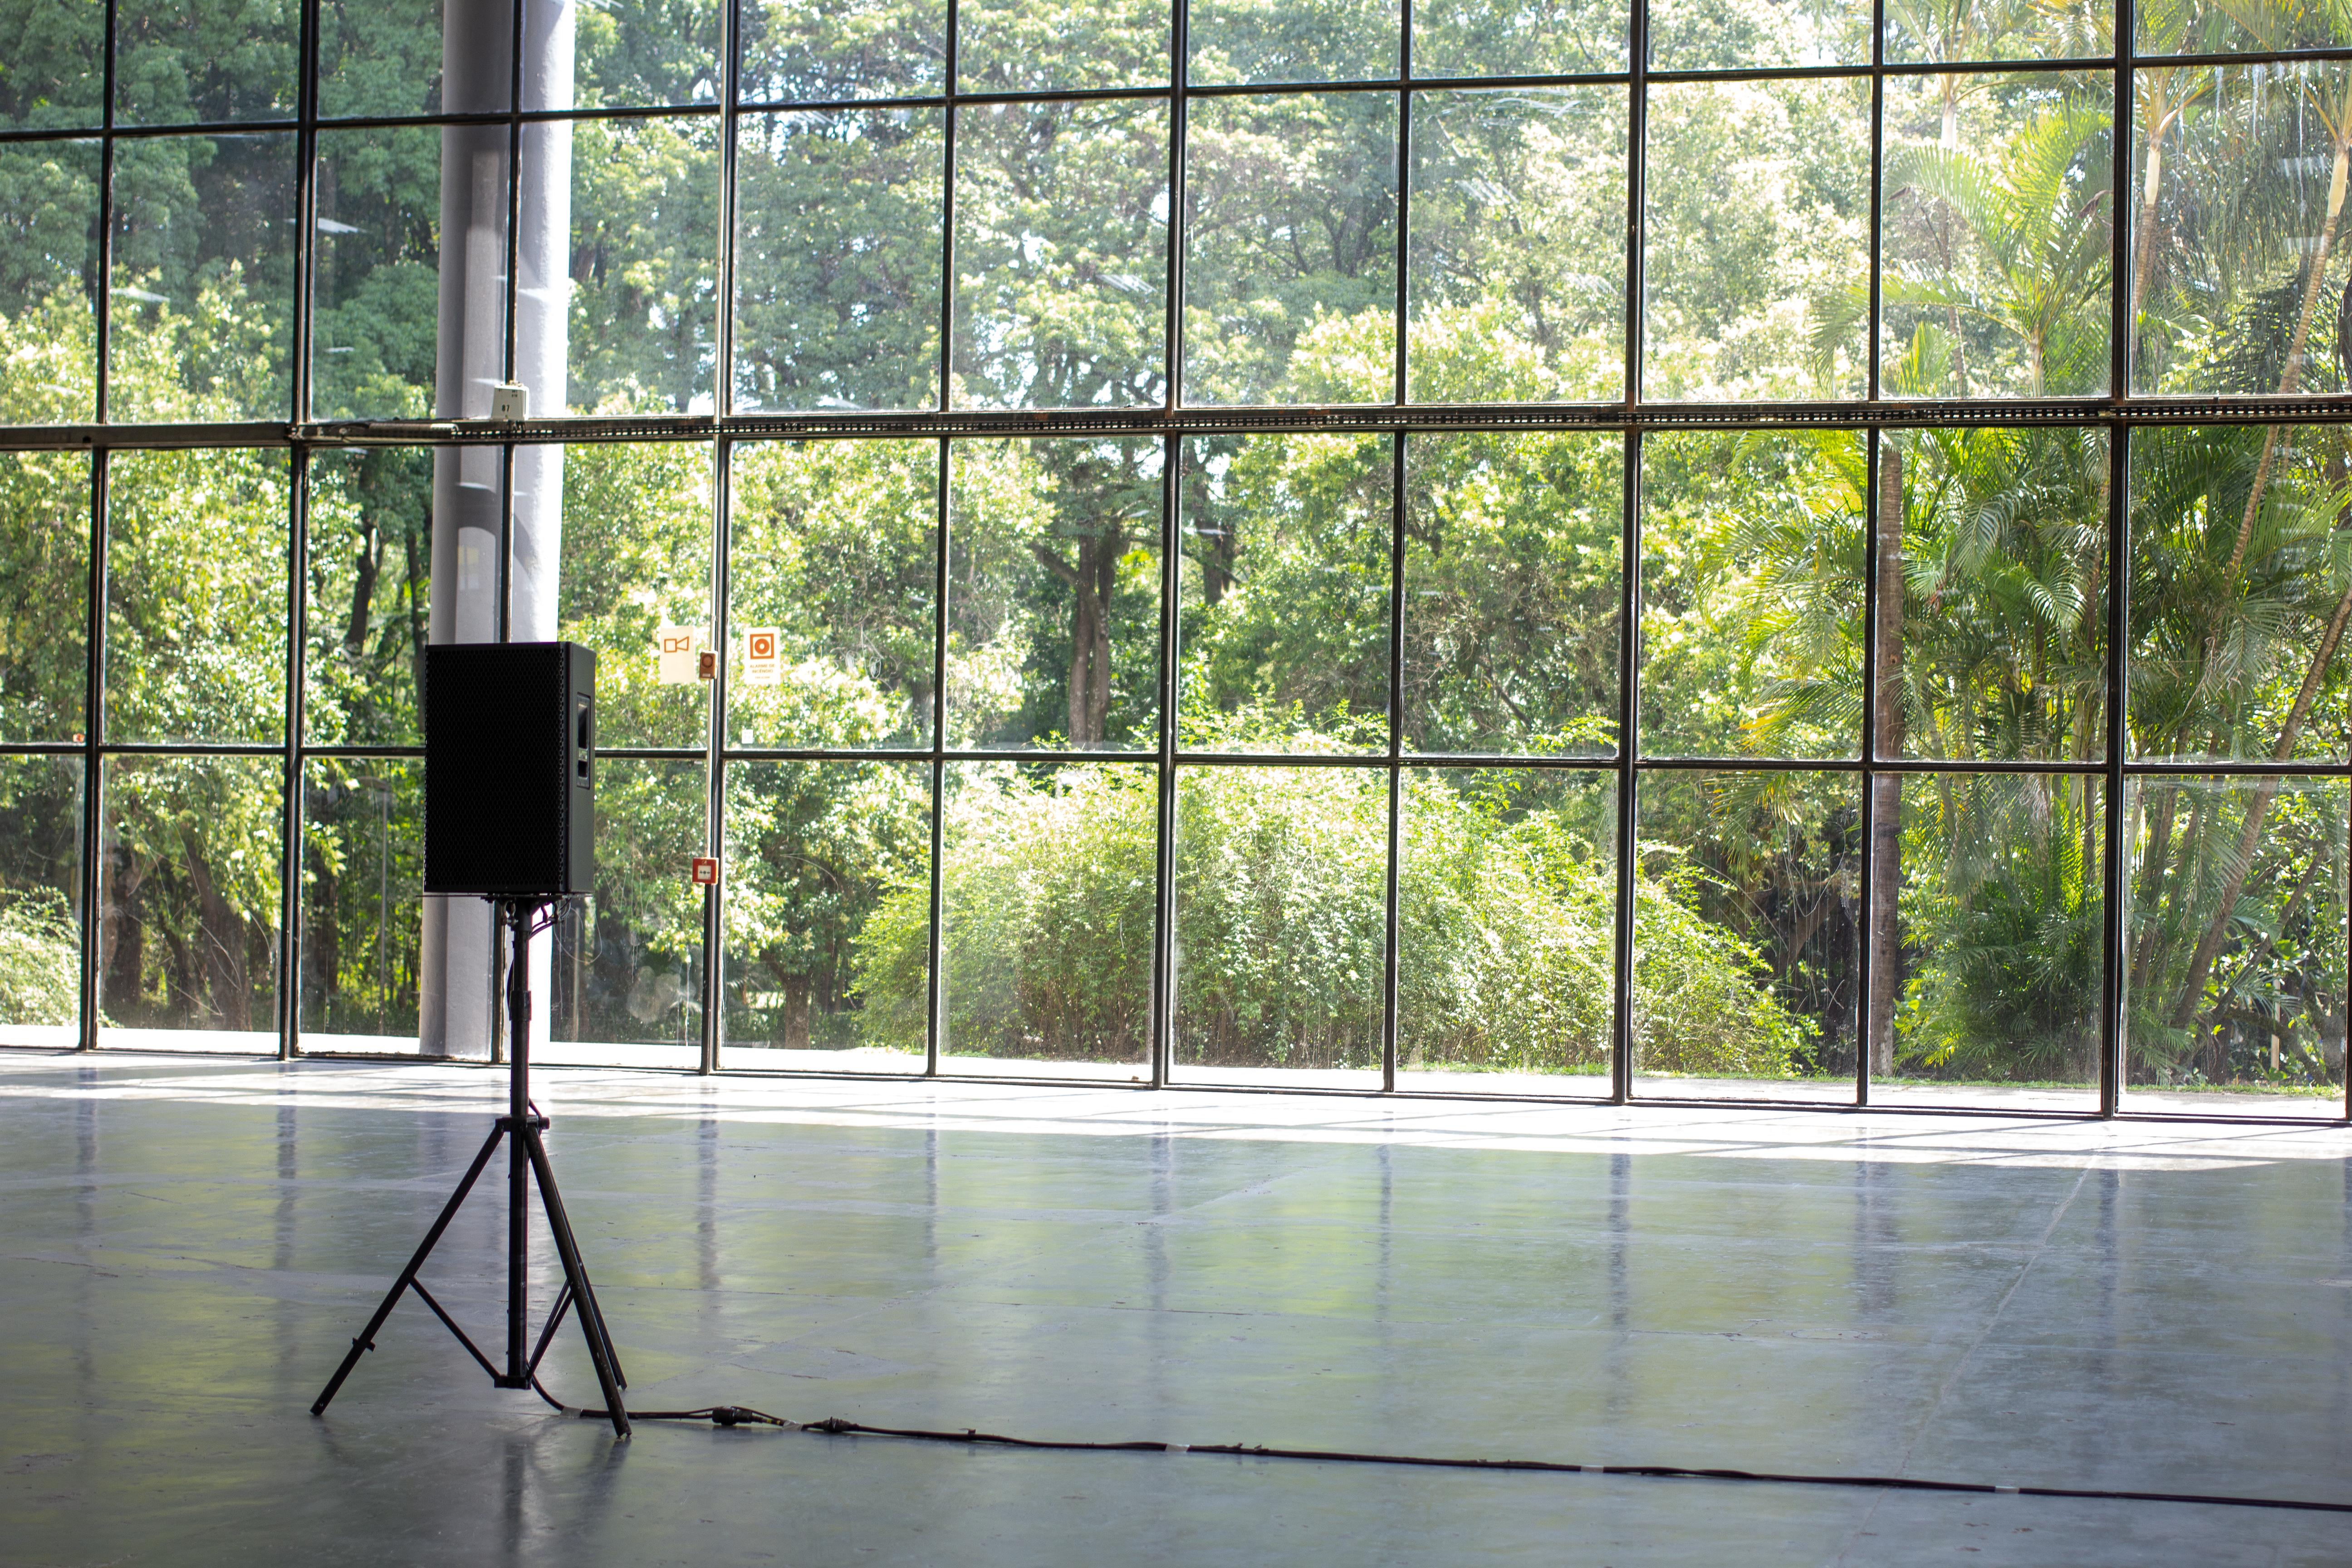 Vista da obra <i>1.680 metros</i> (2020), de Luisa Cunha na exposição <i>Vento</i>. Foto: Giovanna Querido / Fundação Bienal de São Paulo